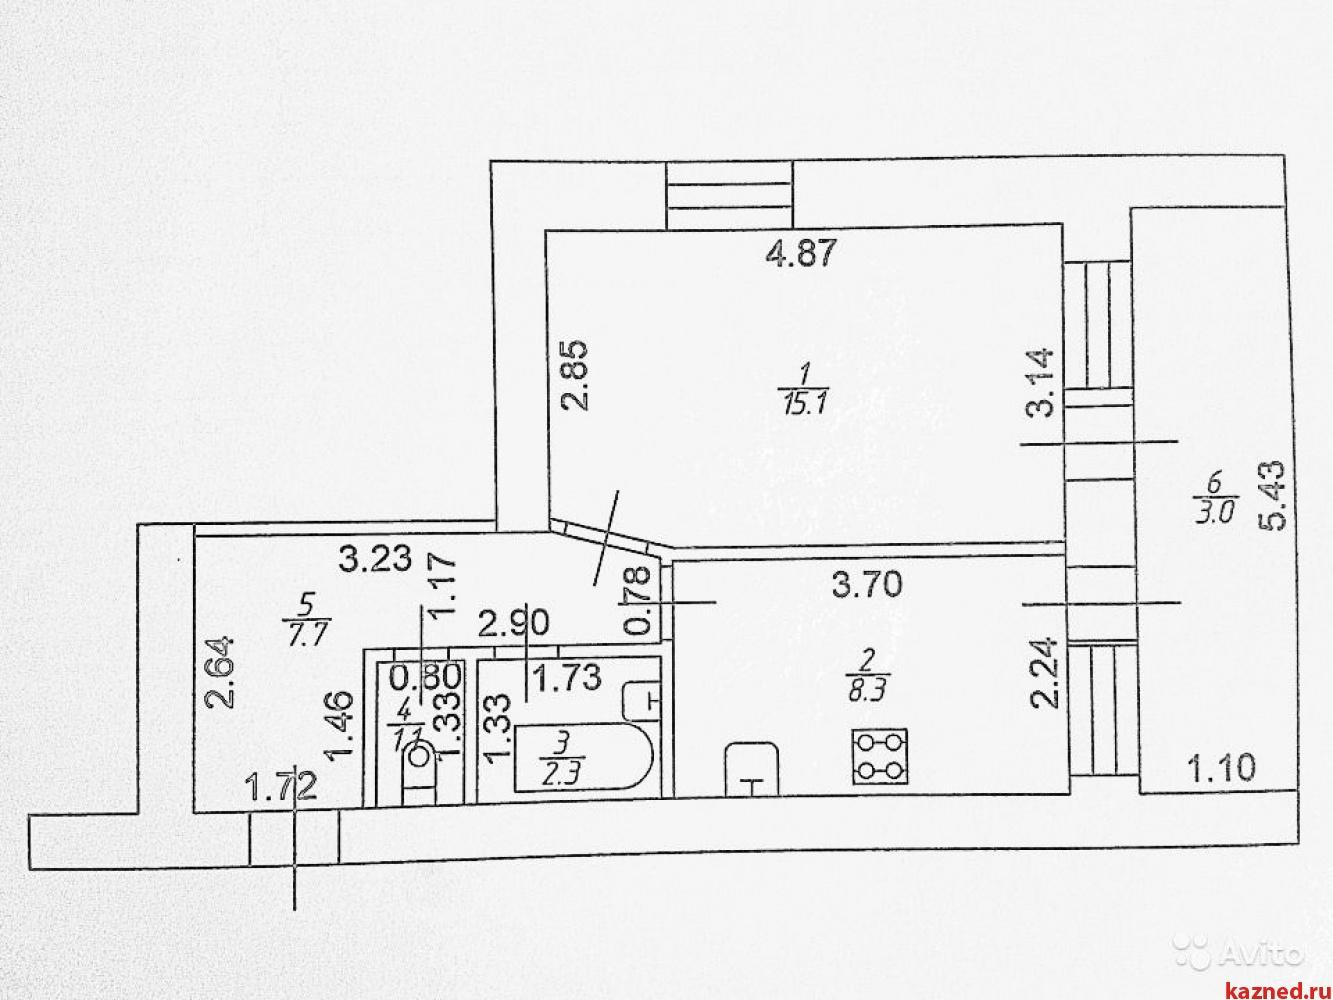 Продажа 1-к квартиры Новая, 7, 37 м²  (миниатюра №23)